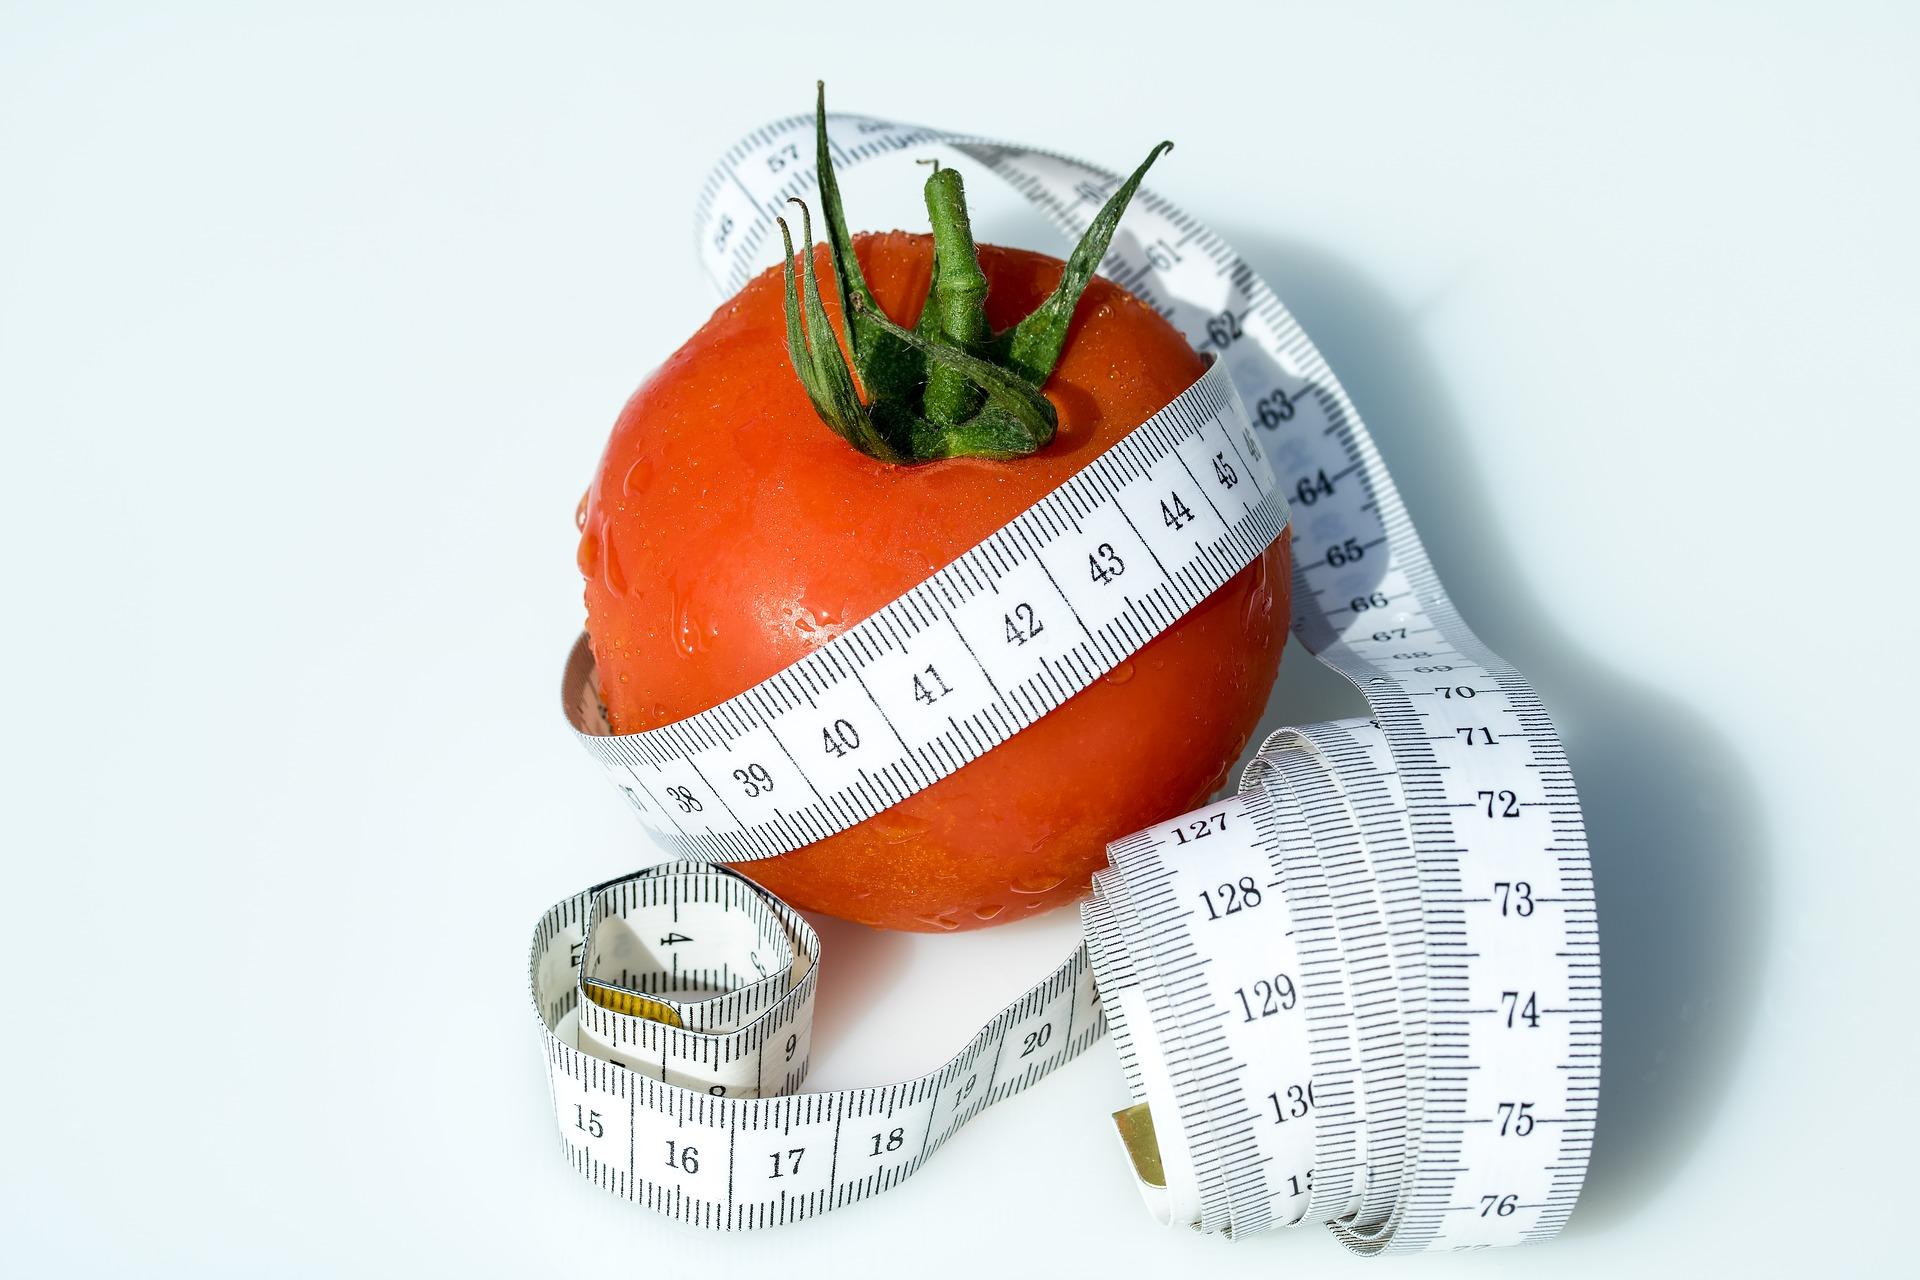 איך יורדים במשקל | העוצמה שבתוכי